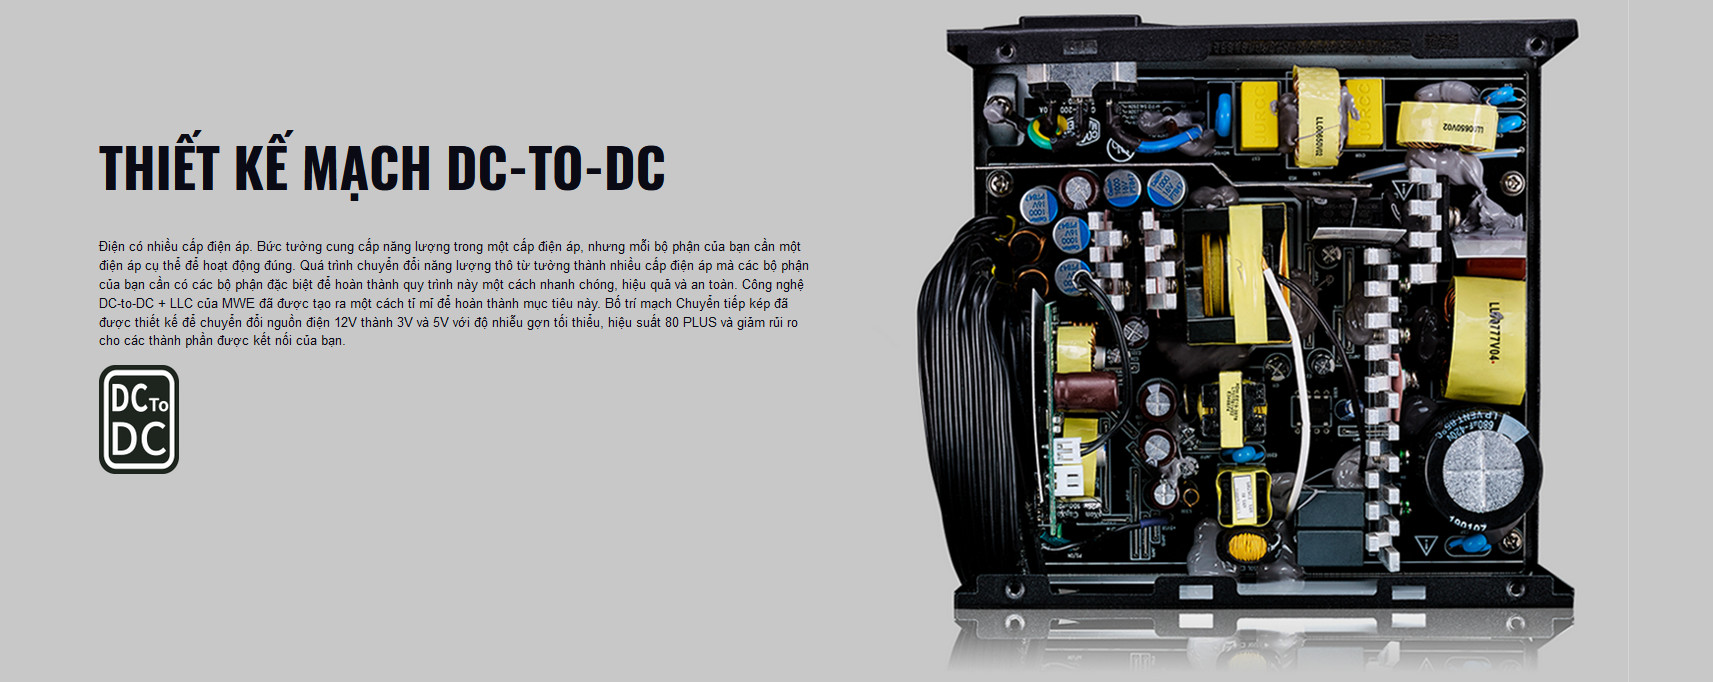 Nguồn máy tính Cooler Master MWE V2 230V 400 400W Plus Bronze (80 Plus Bronze/Màu Đen) giới thiệu thiết kế mạch